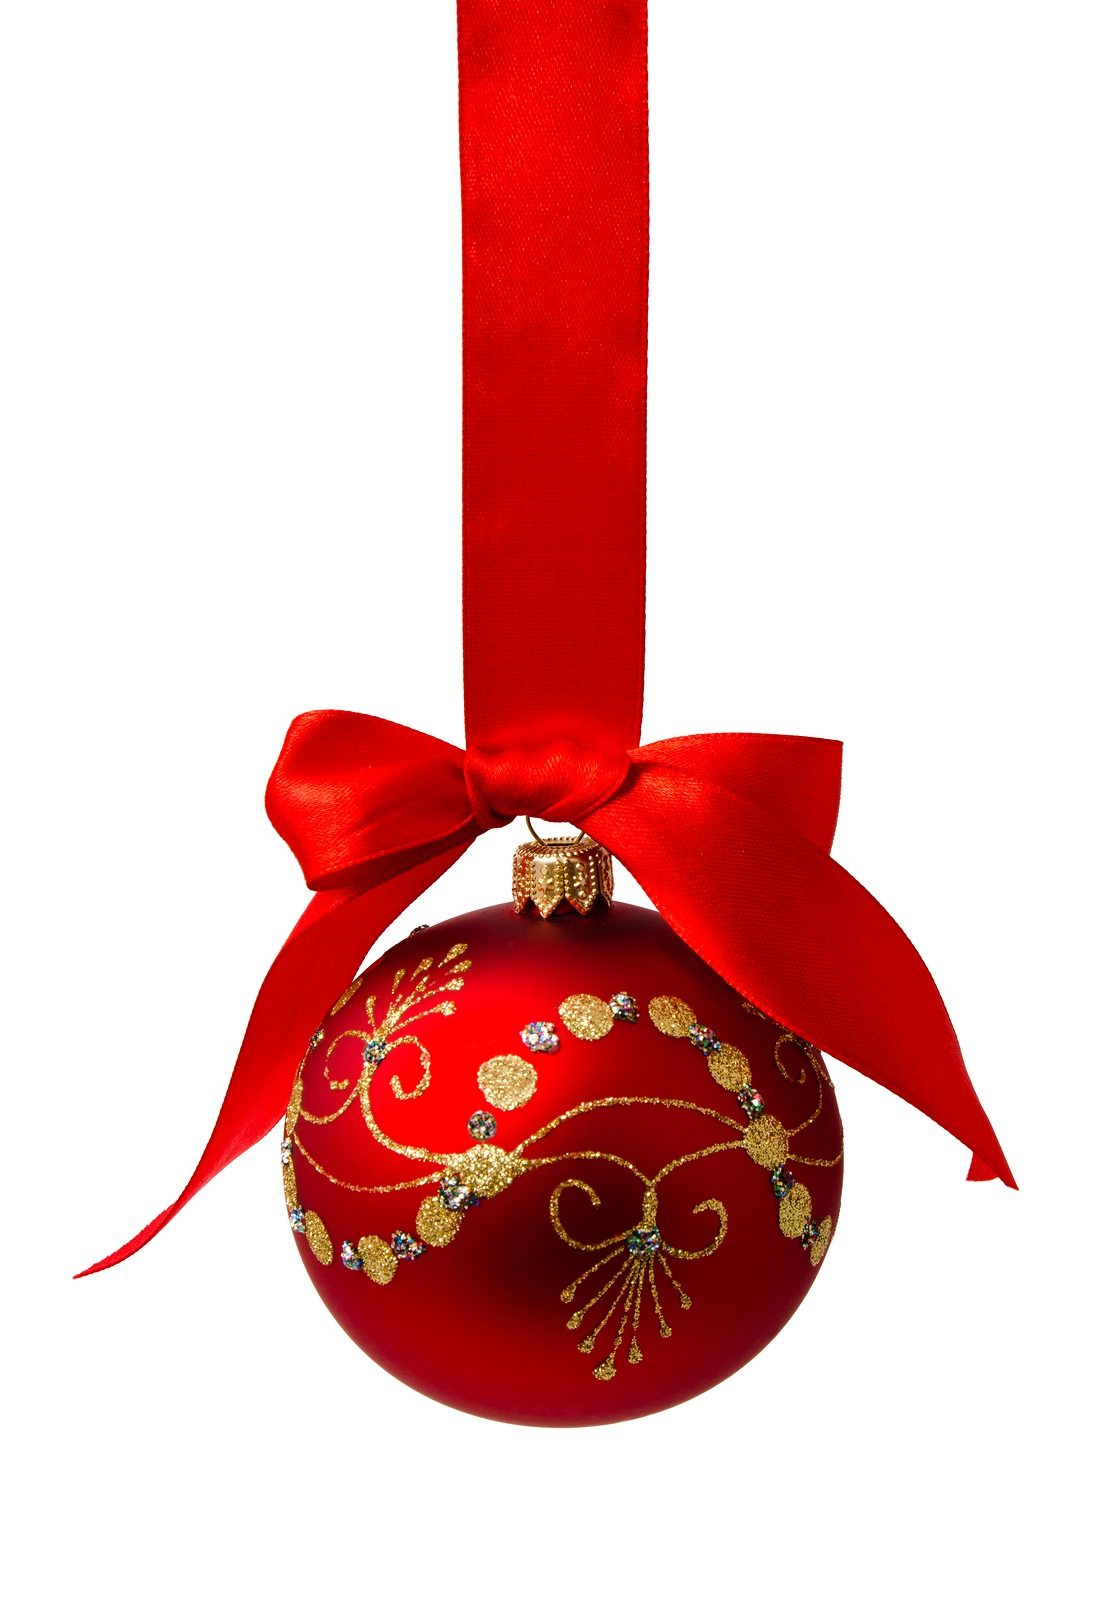 christmas 20ribbon 20images Red Christmas Ball Png - Christmas Ball PNG